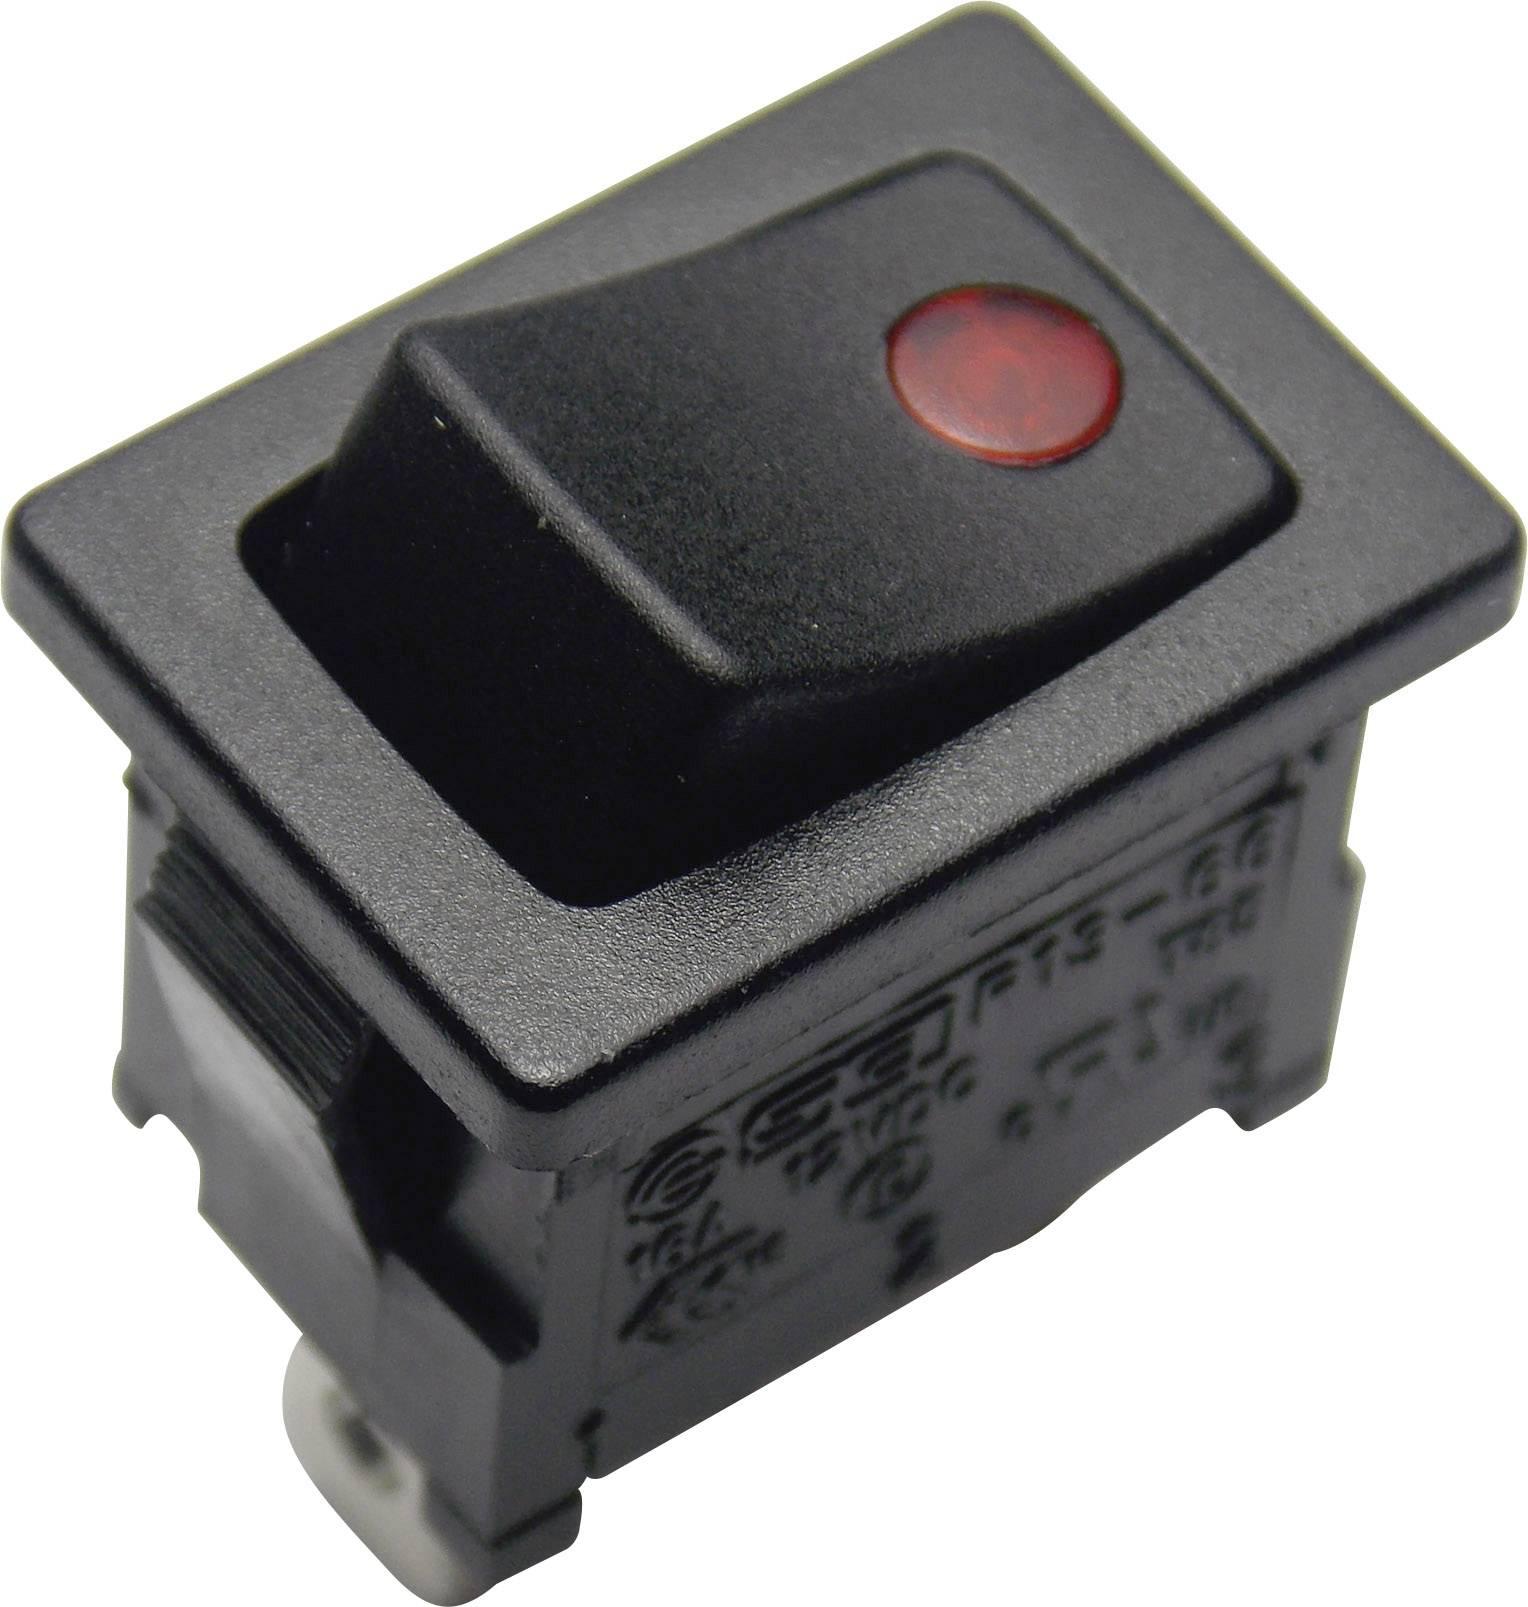 Kolébkový spínač SCI R13-66B2-02 B/B s aretací 12 V, 16 A, 1x vyp/zap, černá, červená, 1 ks